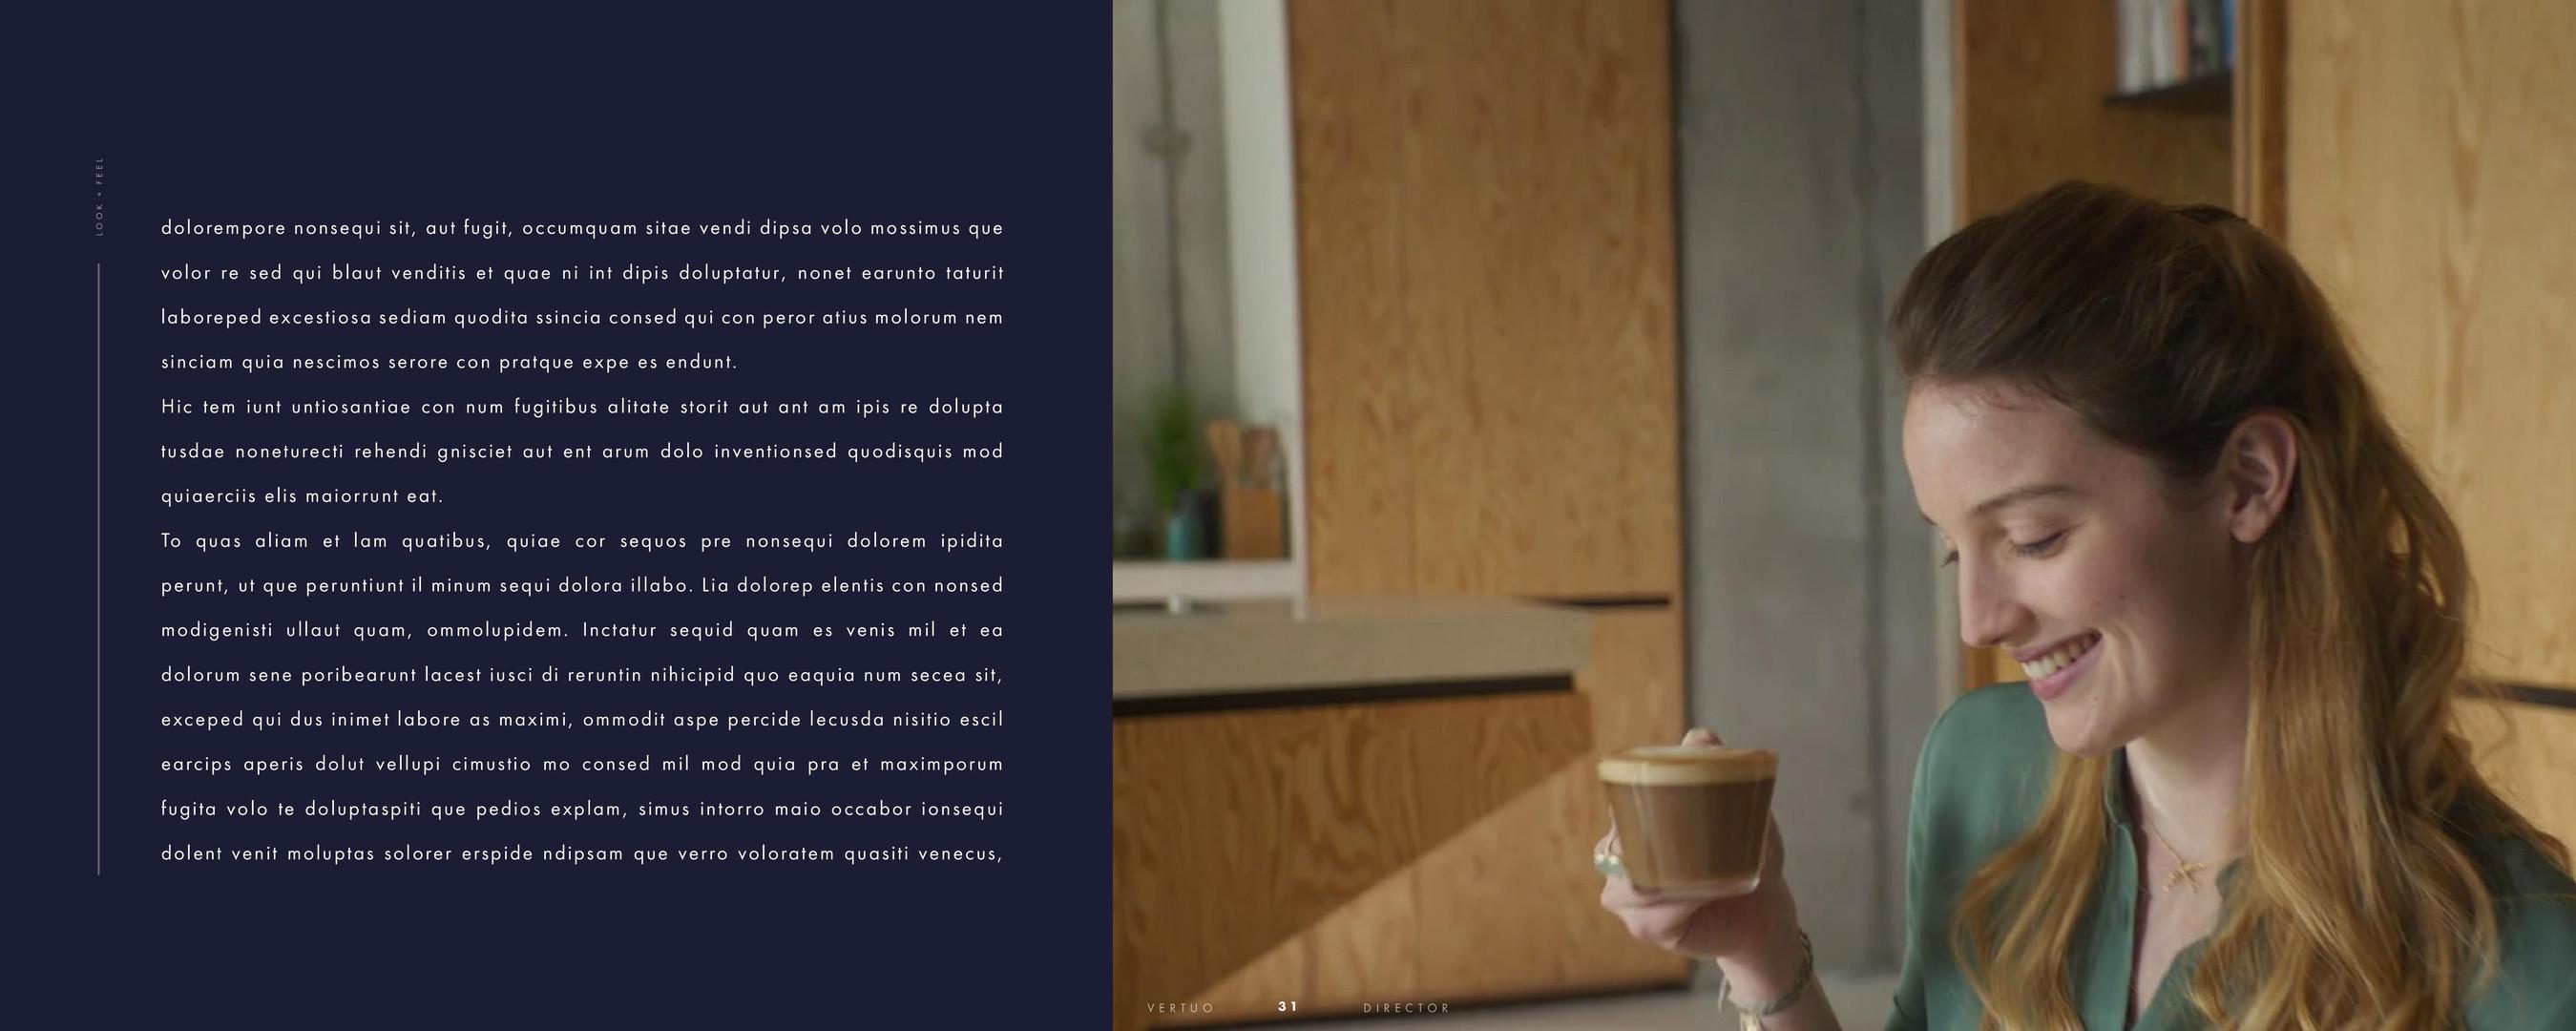 Nespresso_JTA_LOREMIPSUM-page-031.jpg